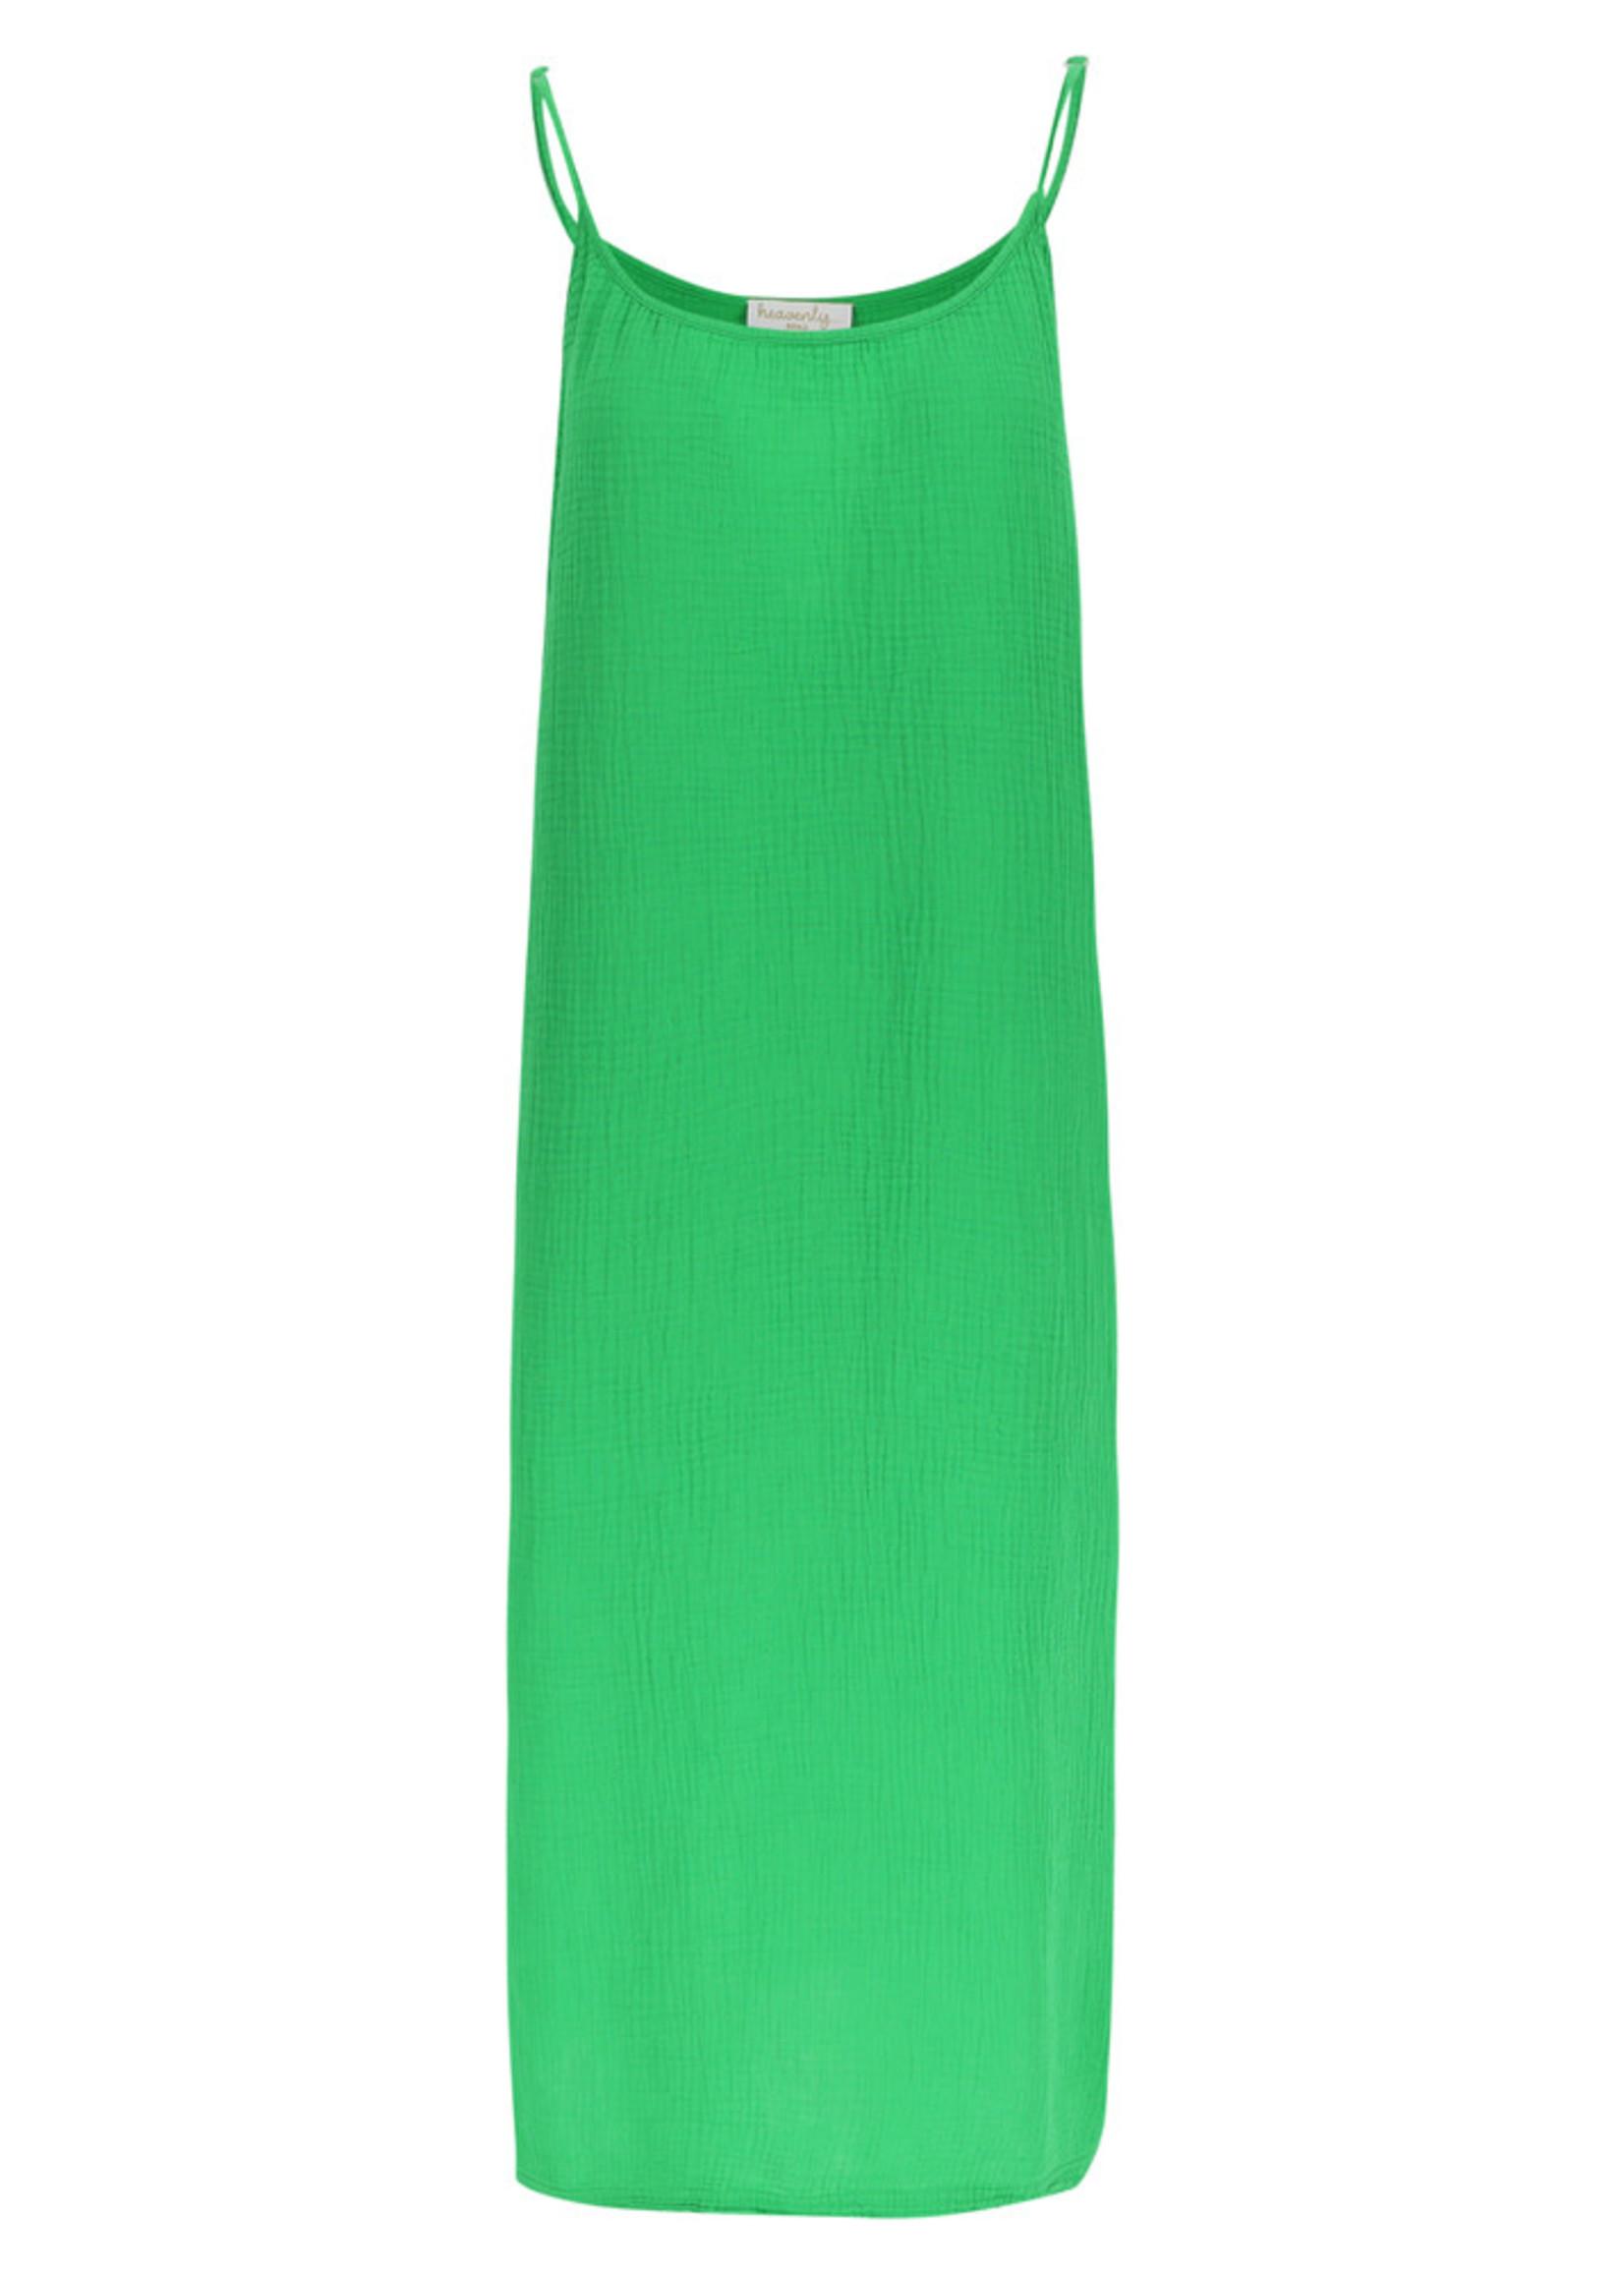 Heavenly Steffi - Apple Green